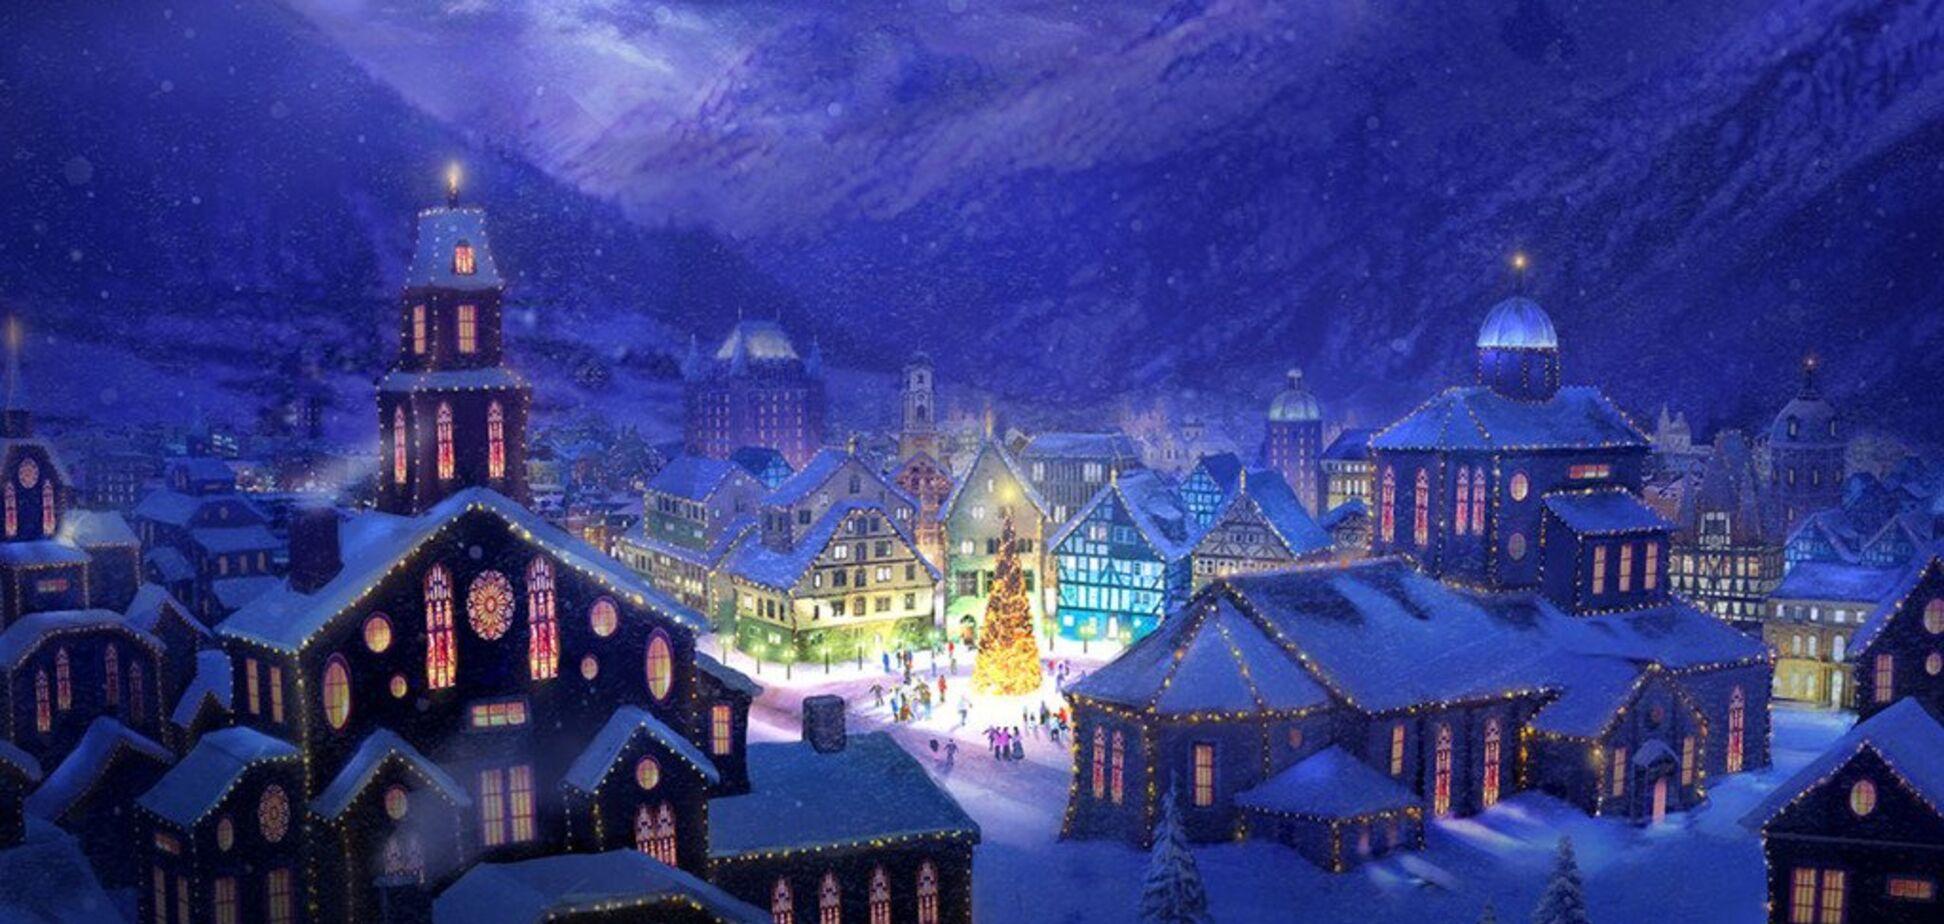 Svitlo concert представит новогоднюю детскую сказку '12 месяцев'